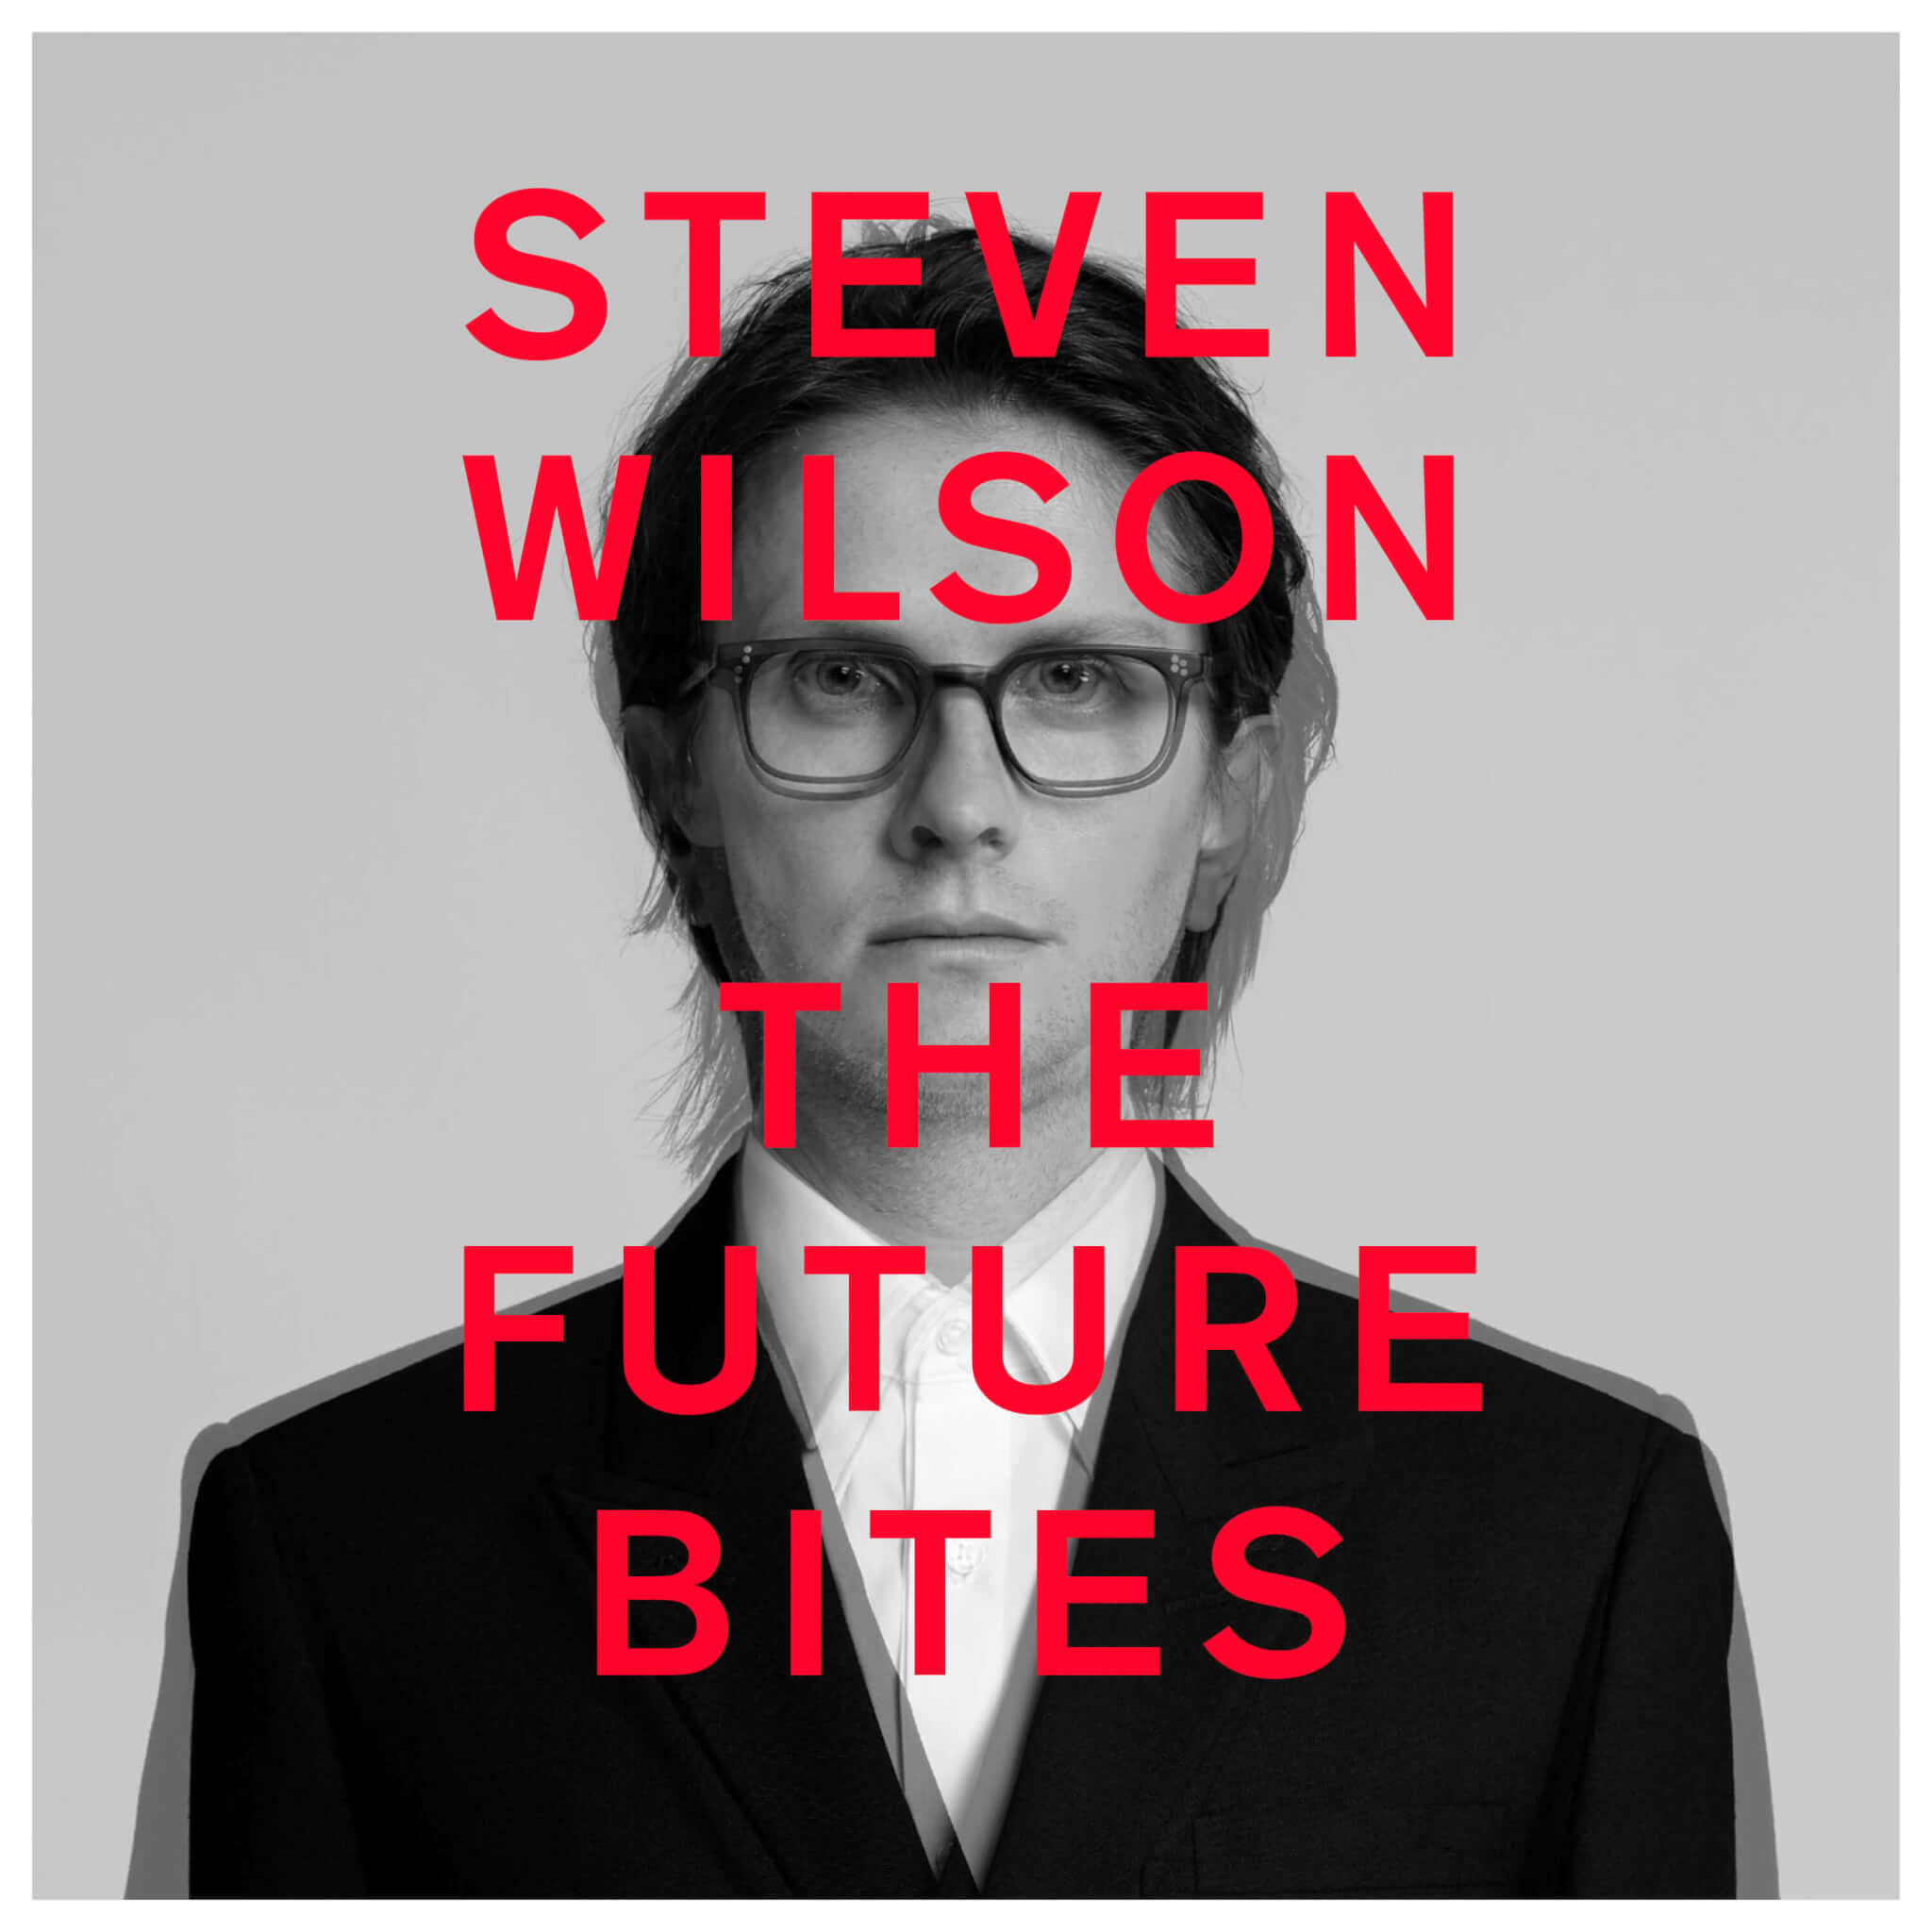 Steven Wilson: The Future Bites